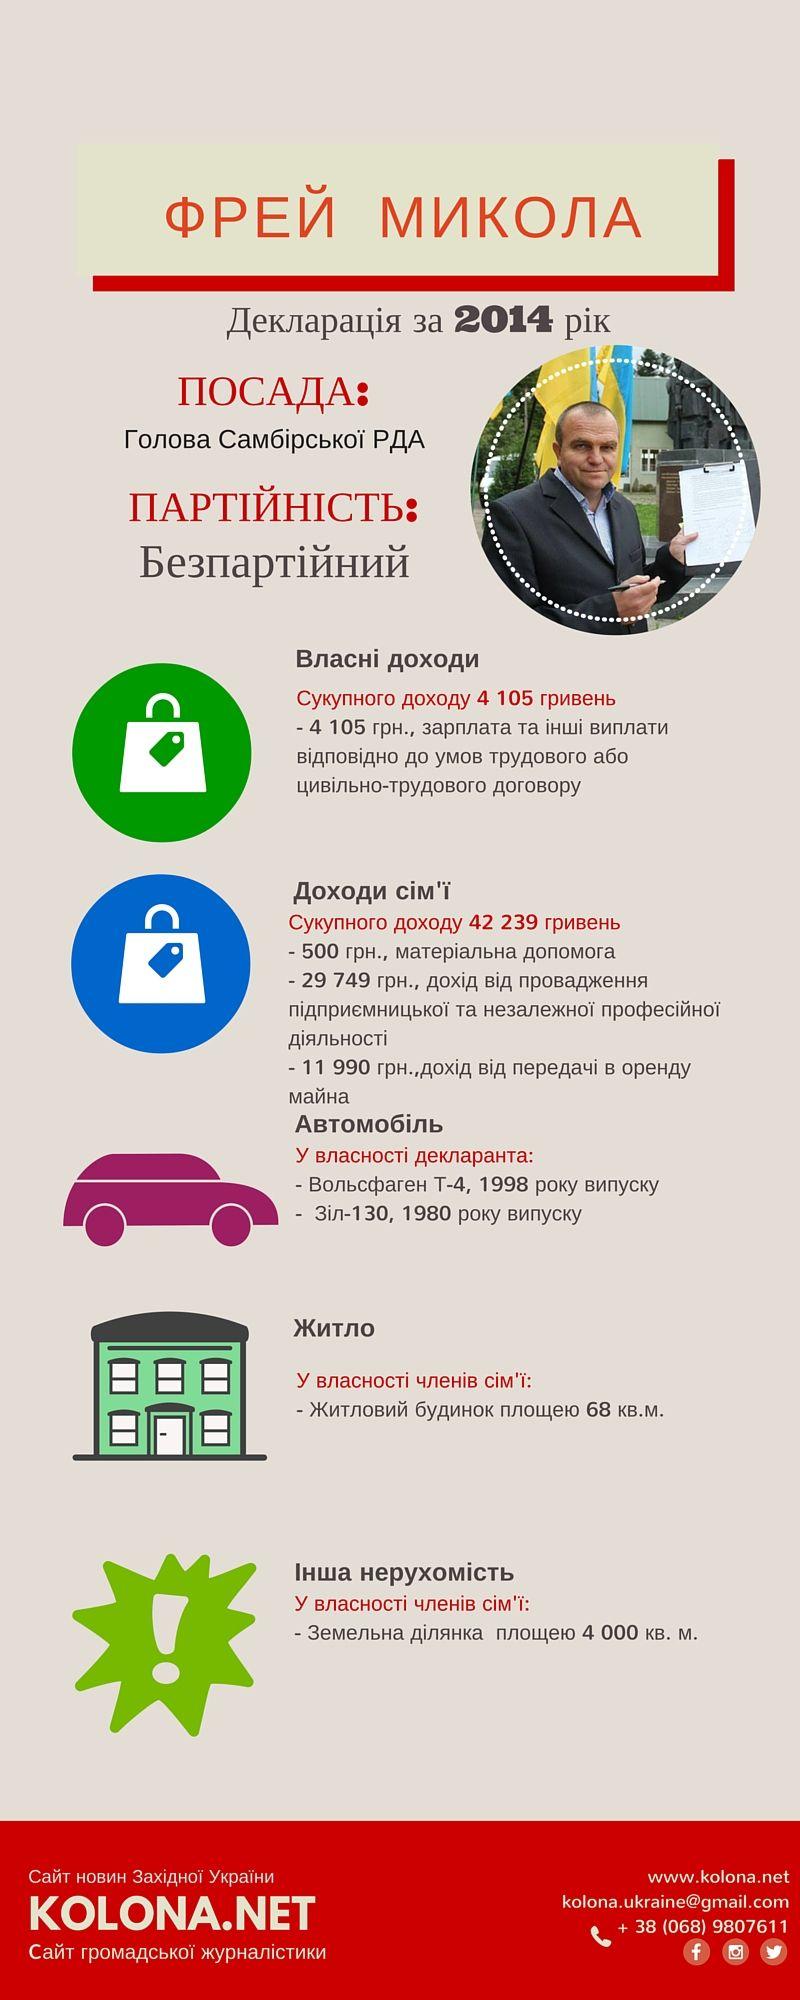 Дохід голови Самбірської РДА-  Фрейя Миколи